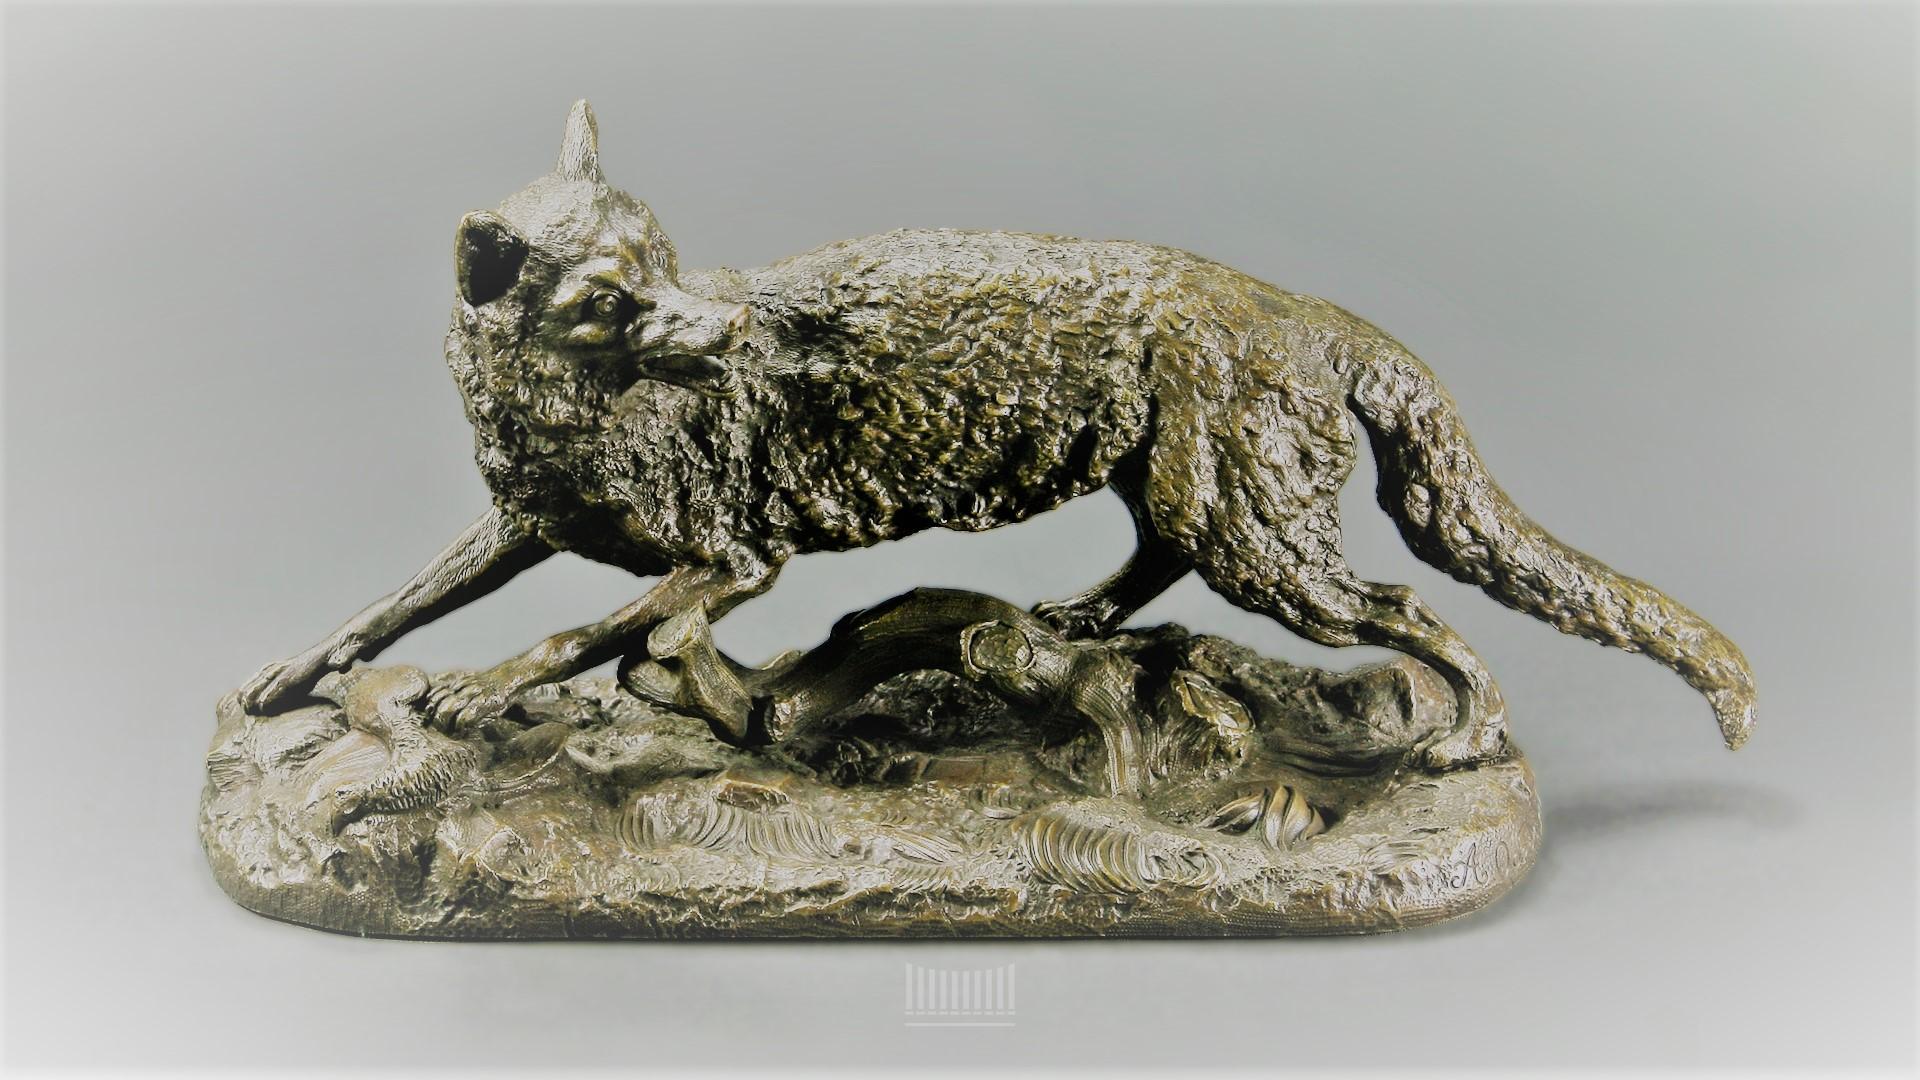 artemy-ober - ober-artemy-fox-bronze-sculpture-statue